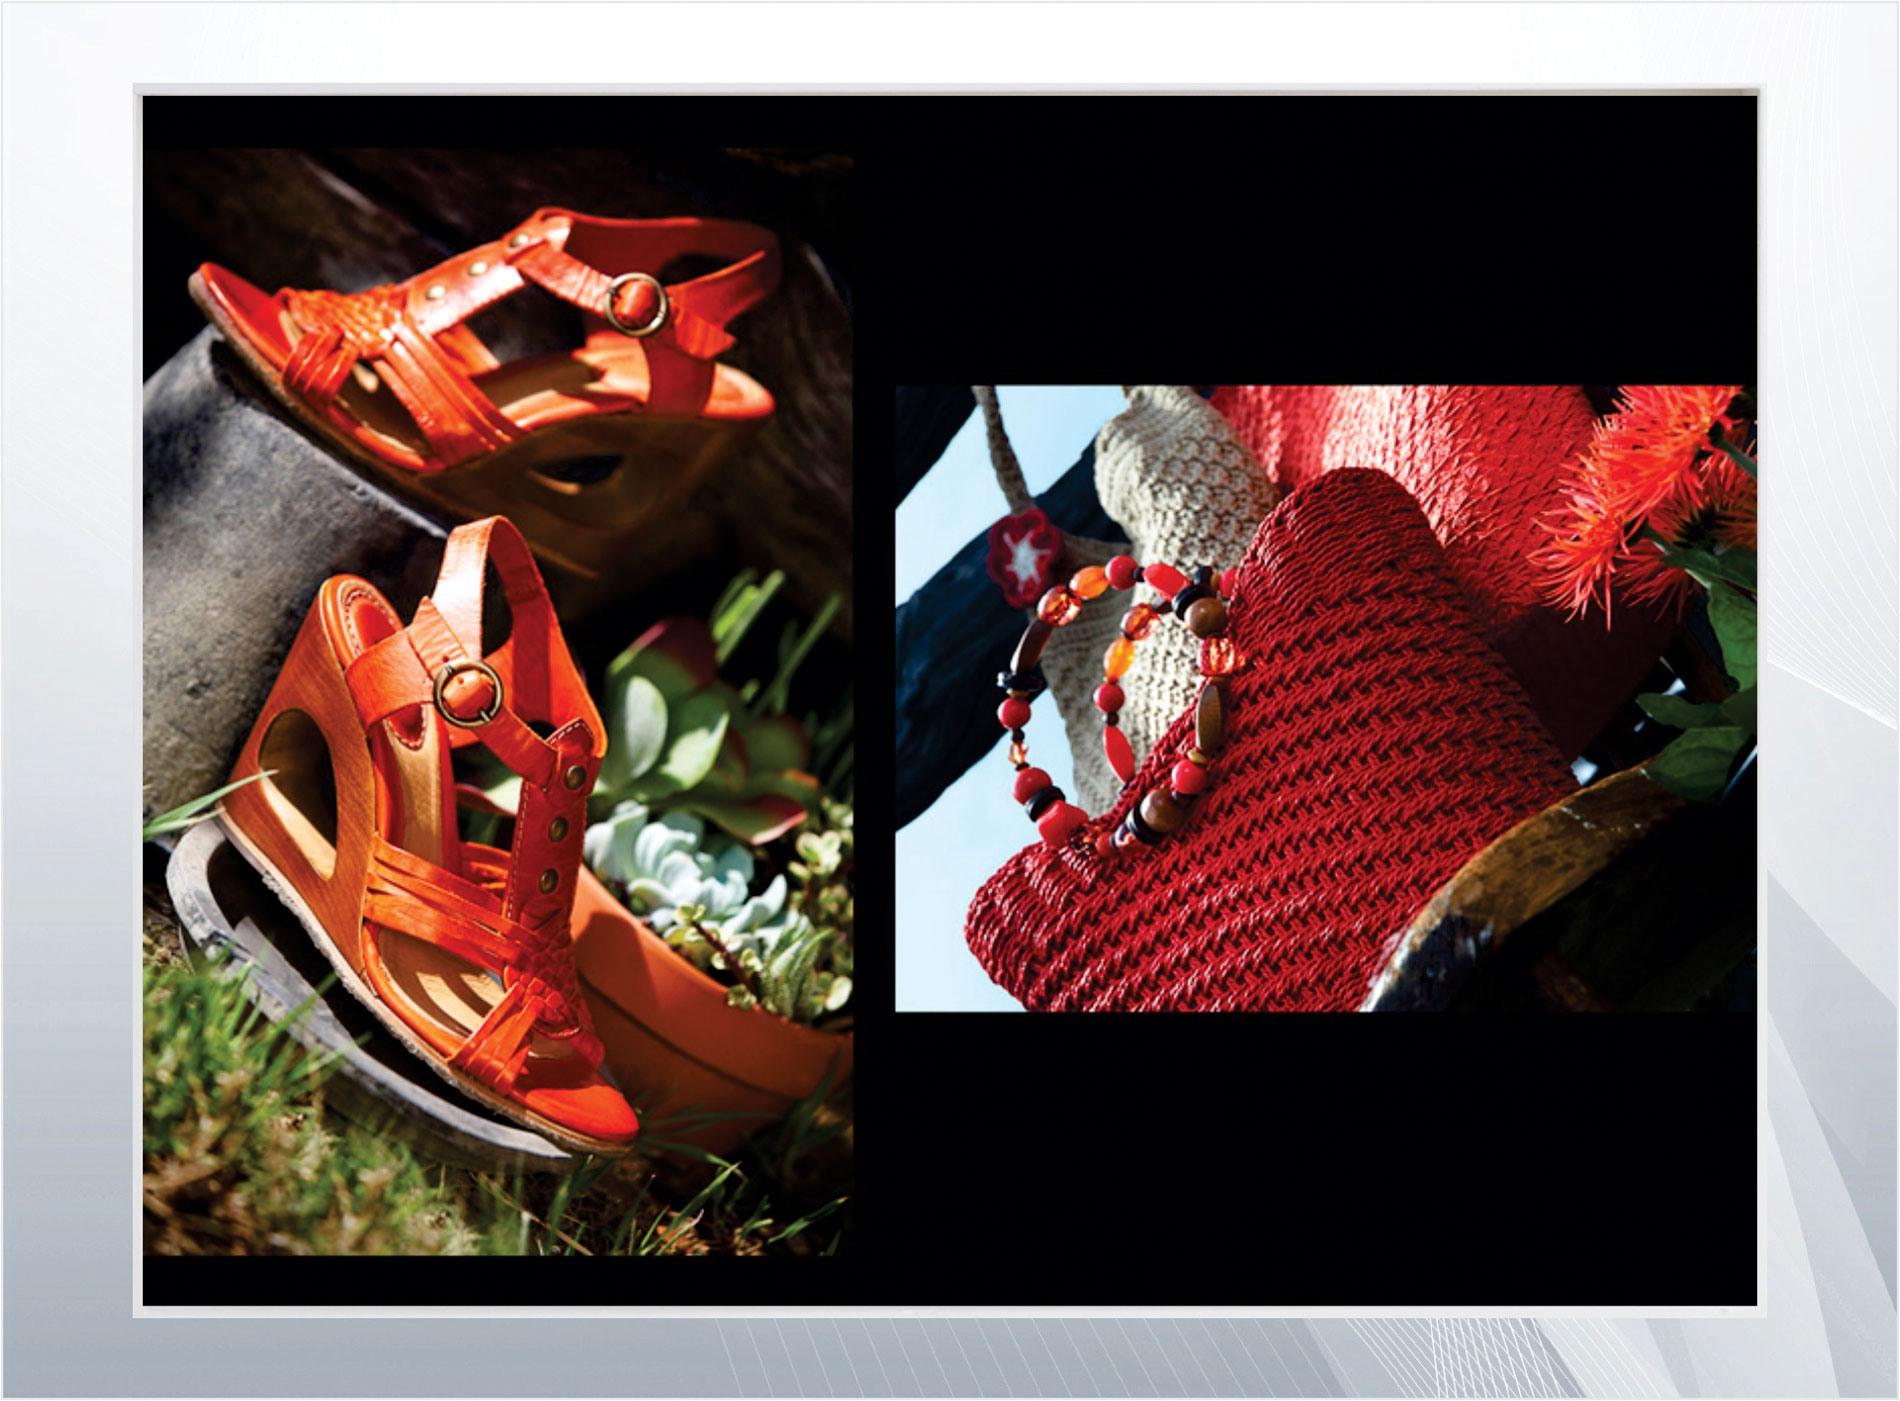 88_fotografía_producto_marroquinería_confecciones_industrial_ggcm